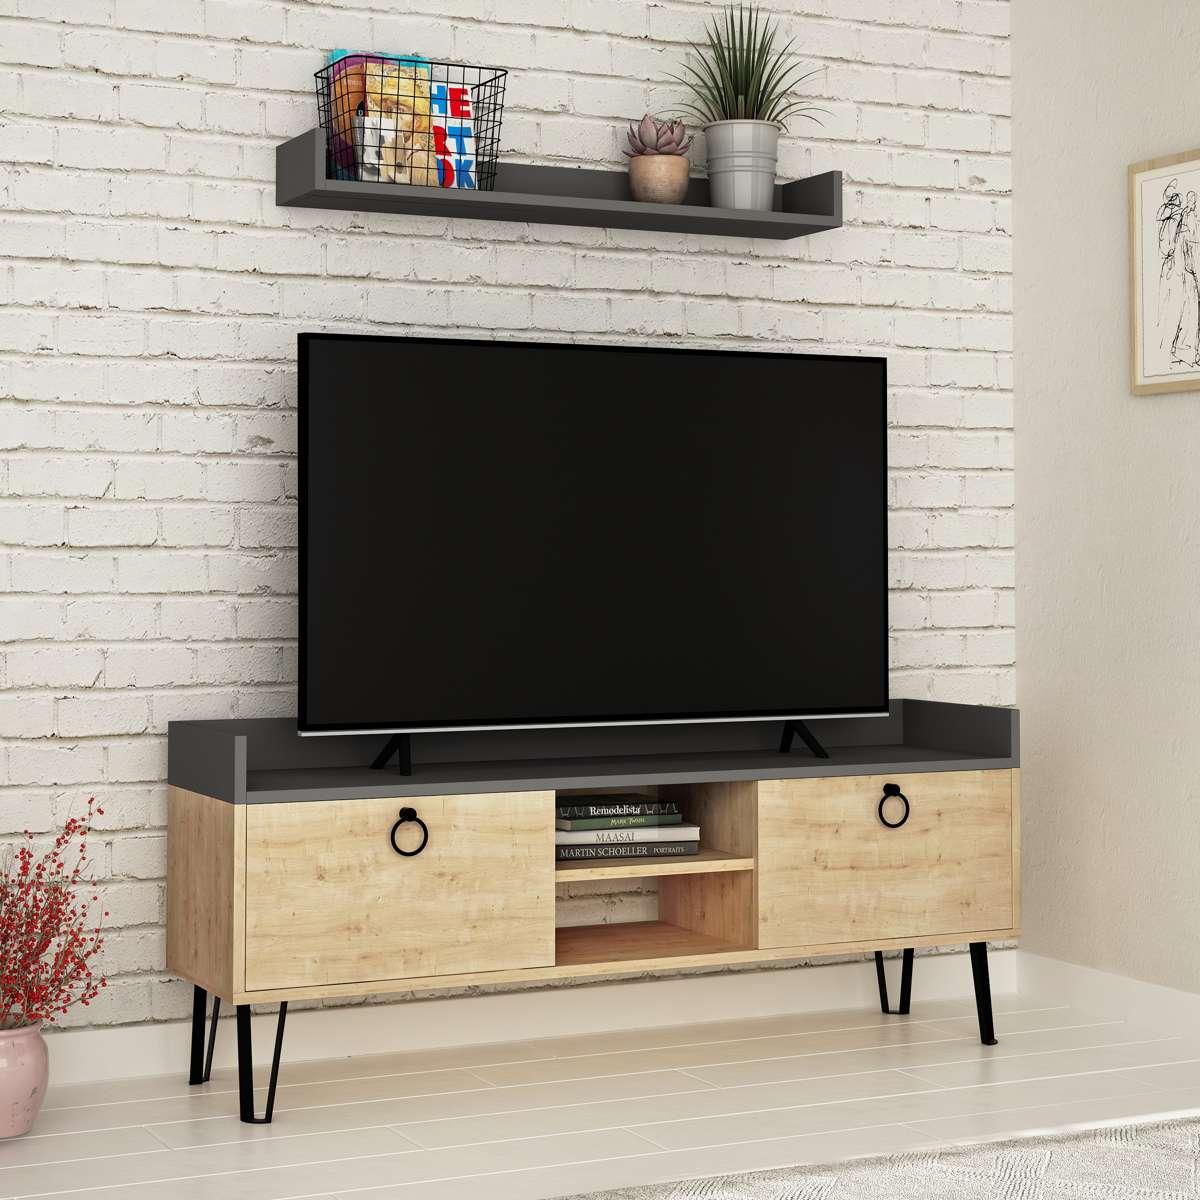 מזנון טלוויזיה עם מדף Keday אלון/אפור 140 ס